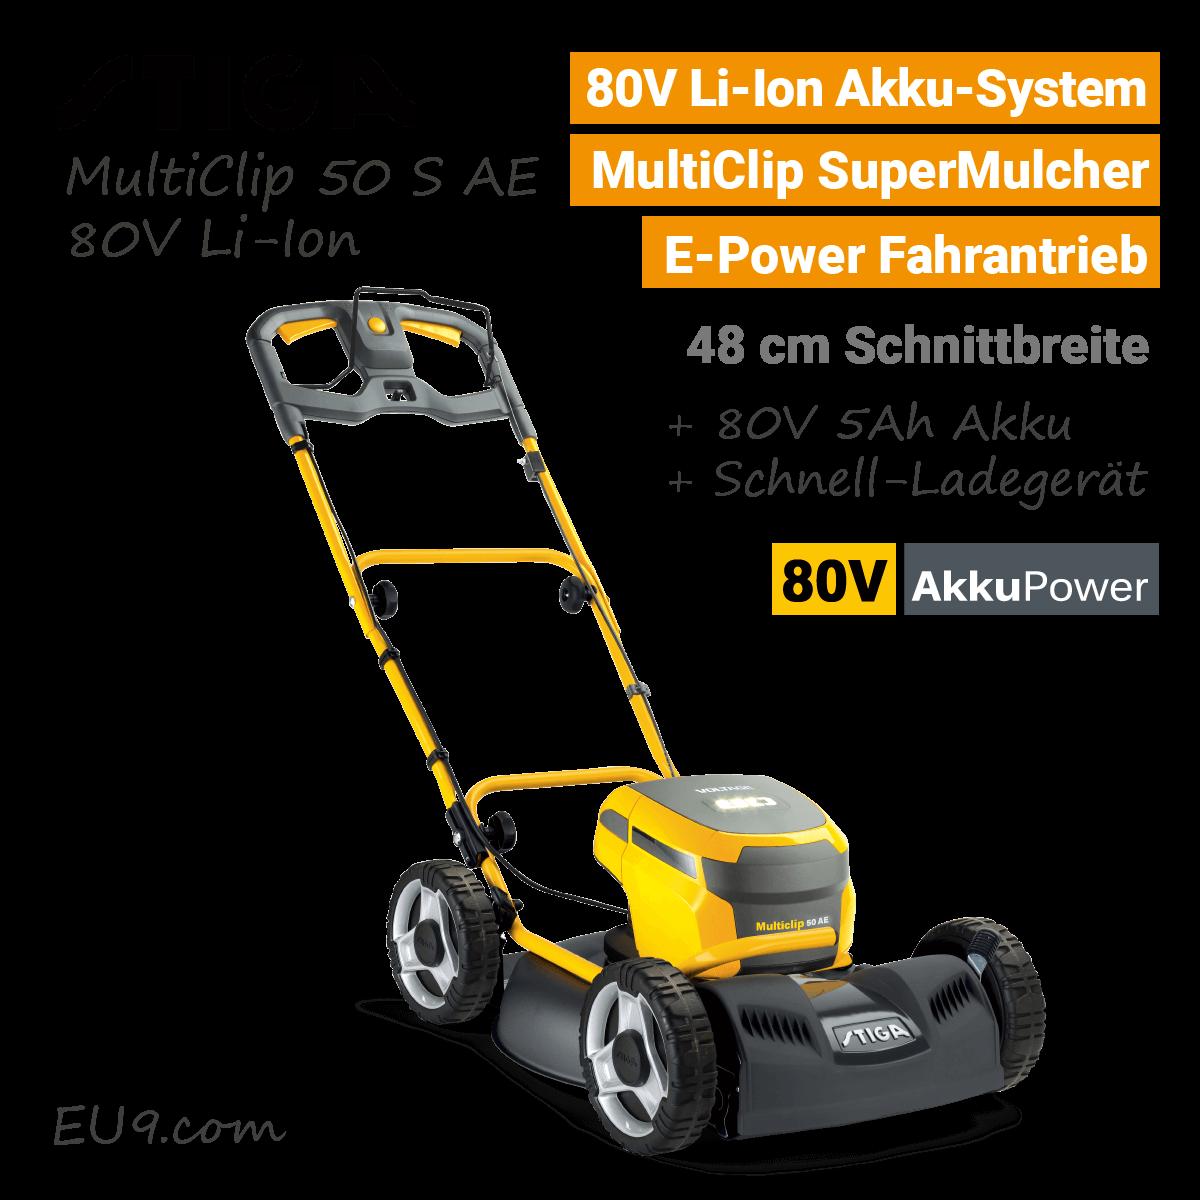 Stiga MultiClip 50 S AE 80V Akku Mulchmäher Rasenmäher Rad Antrieb 80 Volt EU9